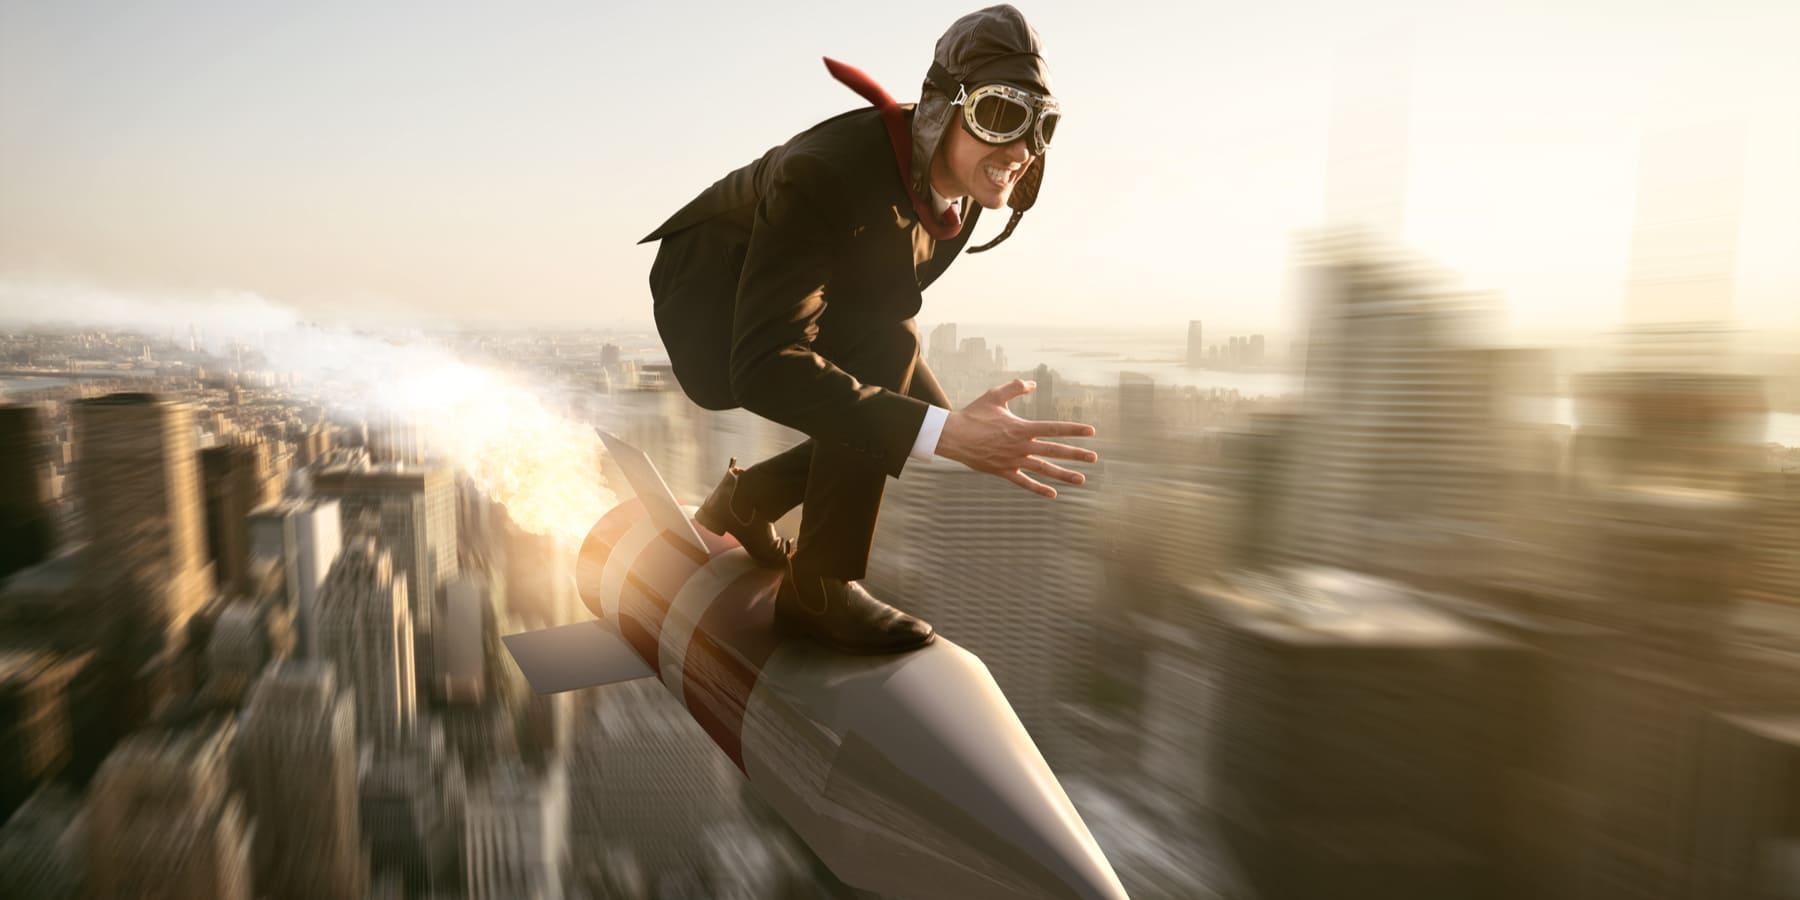 Fastly Aktie - Edge Computing - Bild von Mann auf Rakete in Stadt mit Topspeed